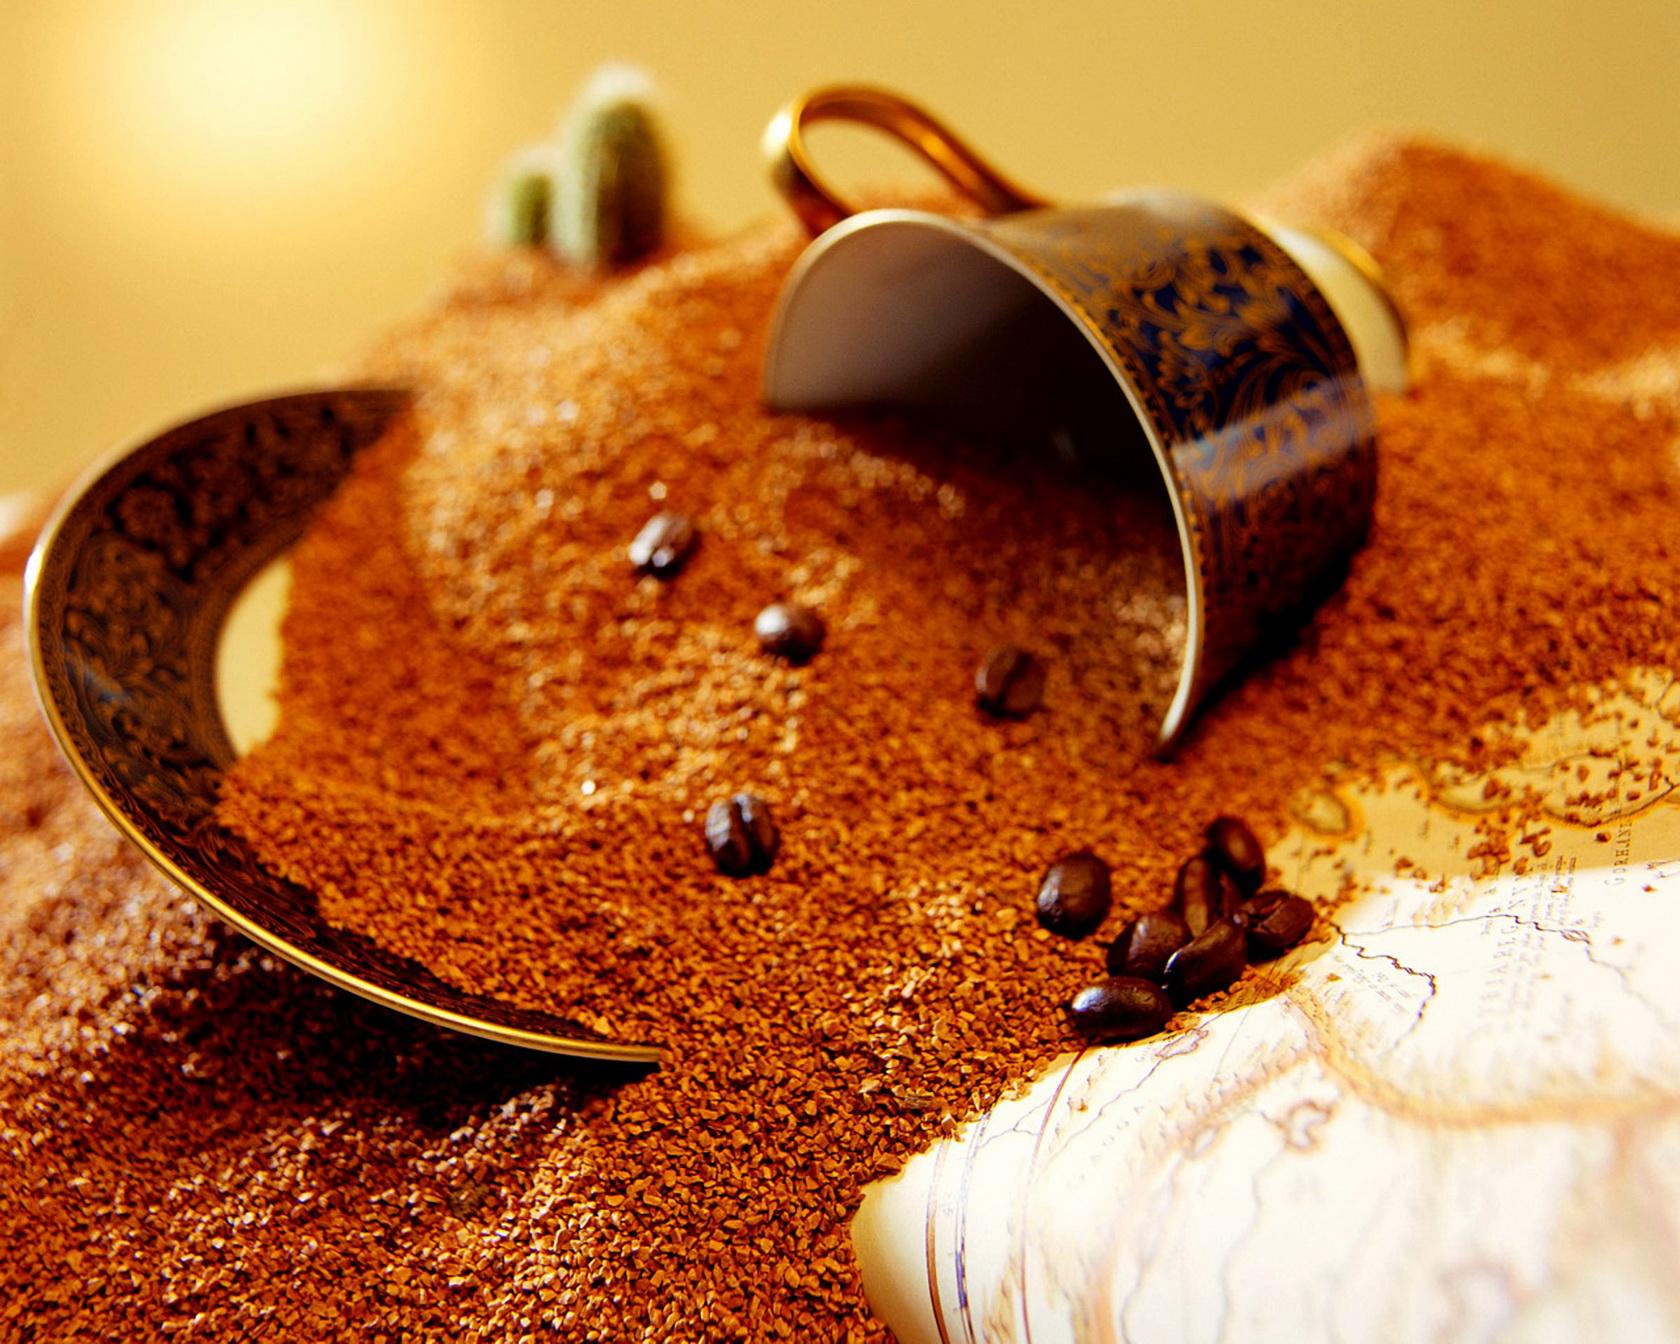 Cà phê mix trộn thơm ngon hấp dẫn